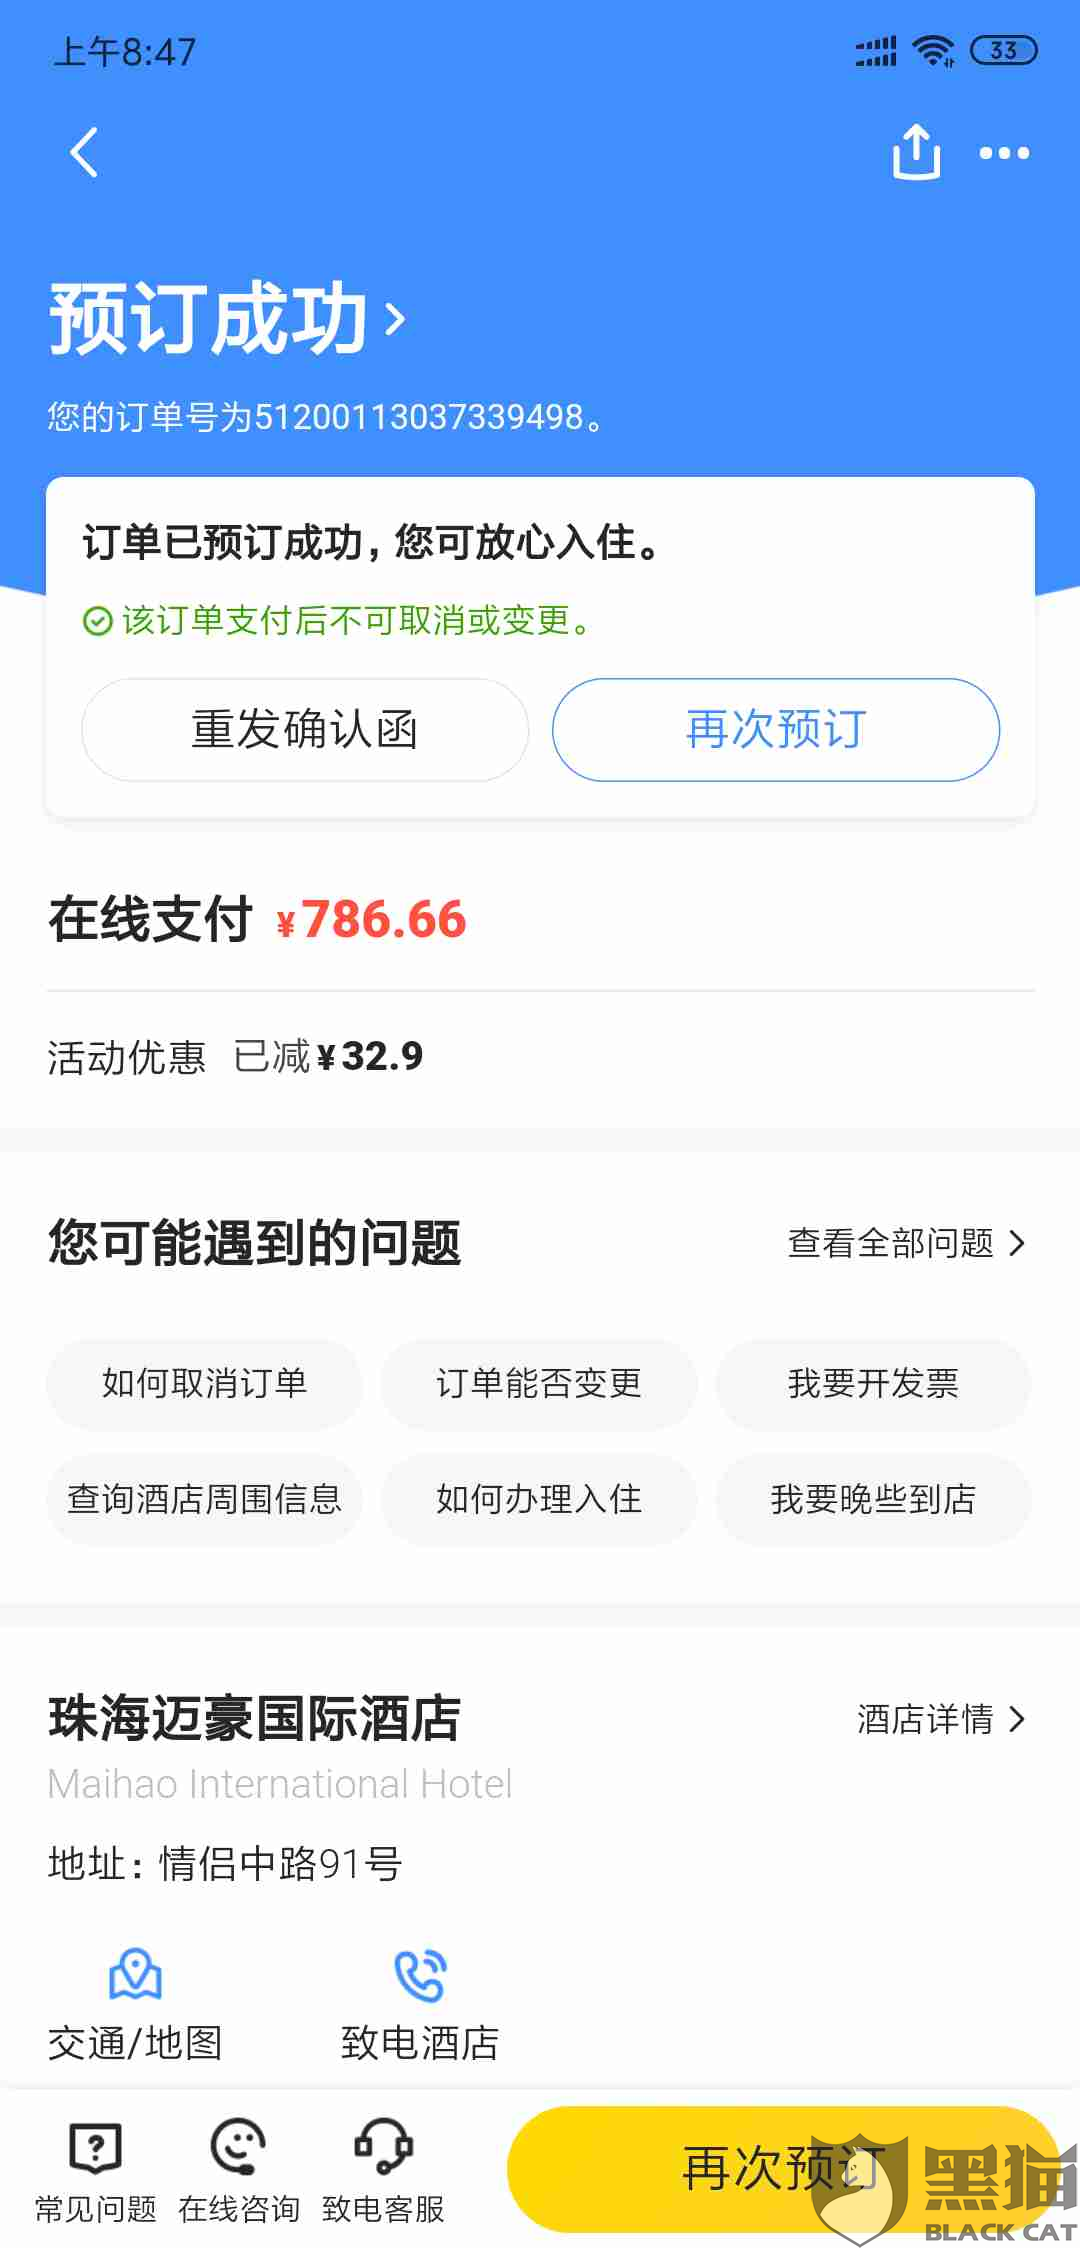 黑猫投诉:疫情严重,广东已启动一级响应,无法出游,申请退款